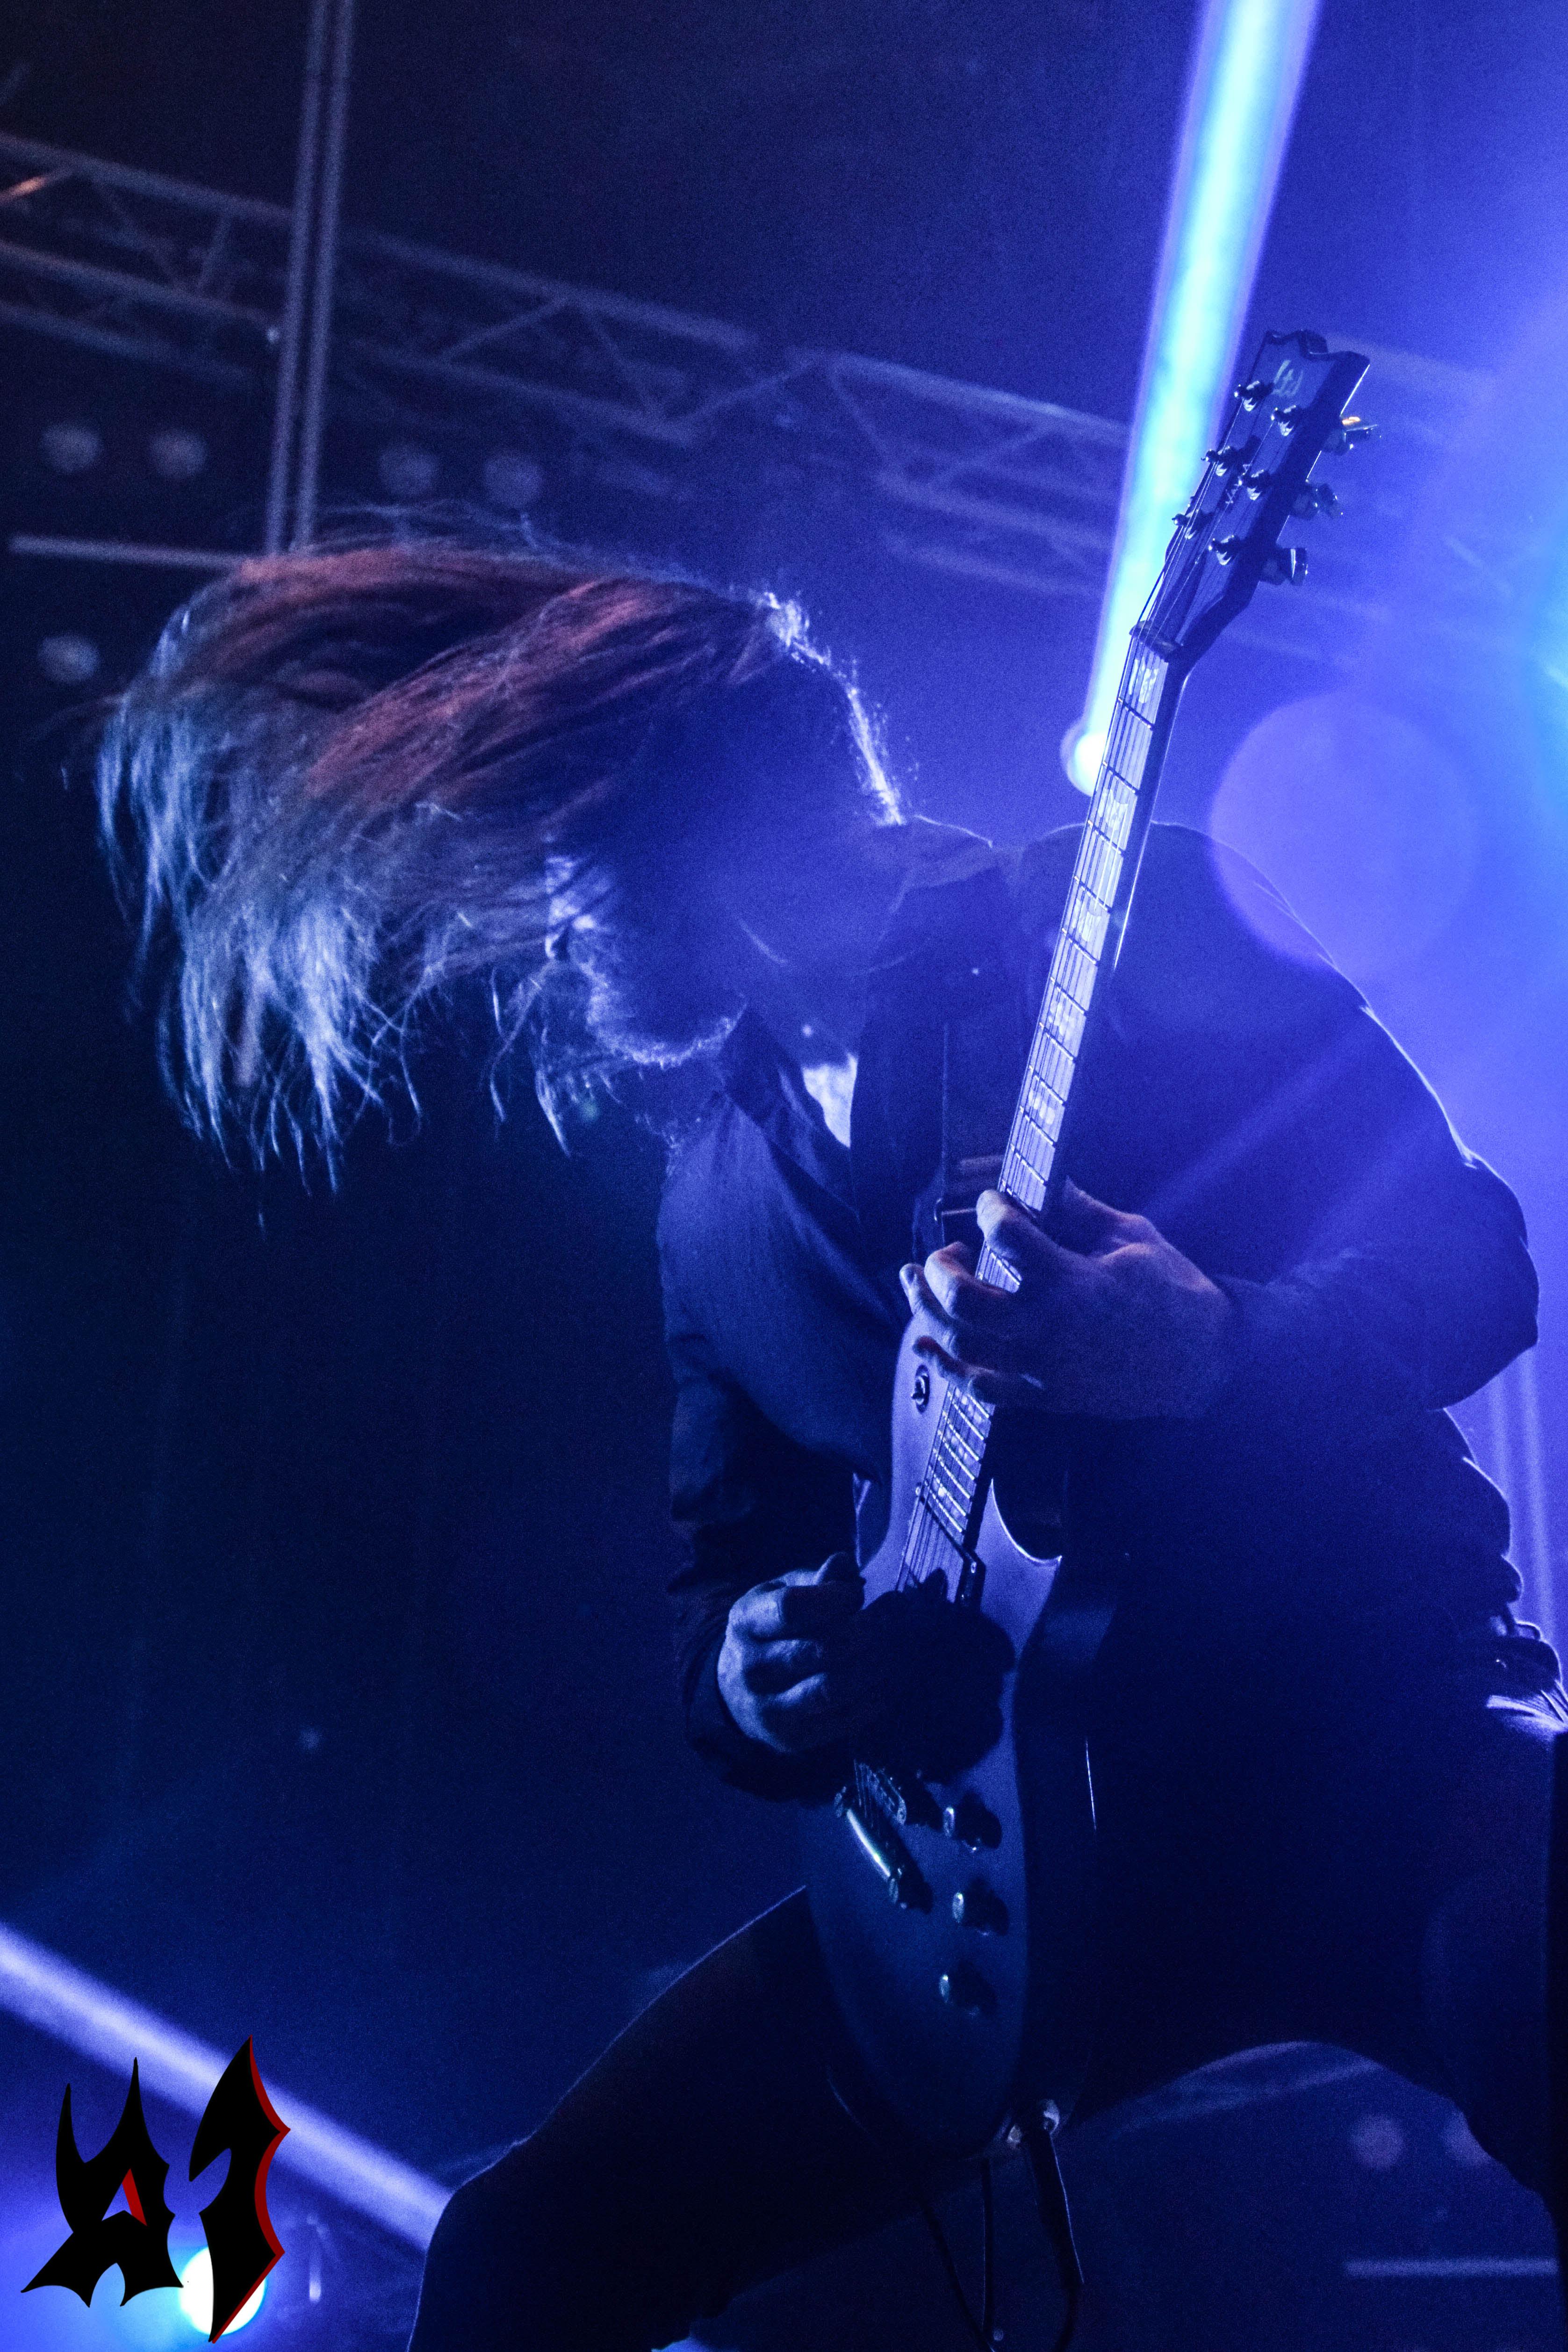 Hellfest - Day 1 - Satyricon 9